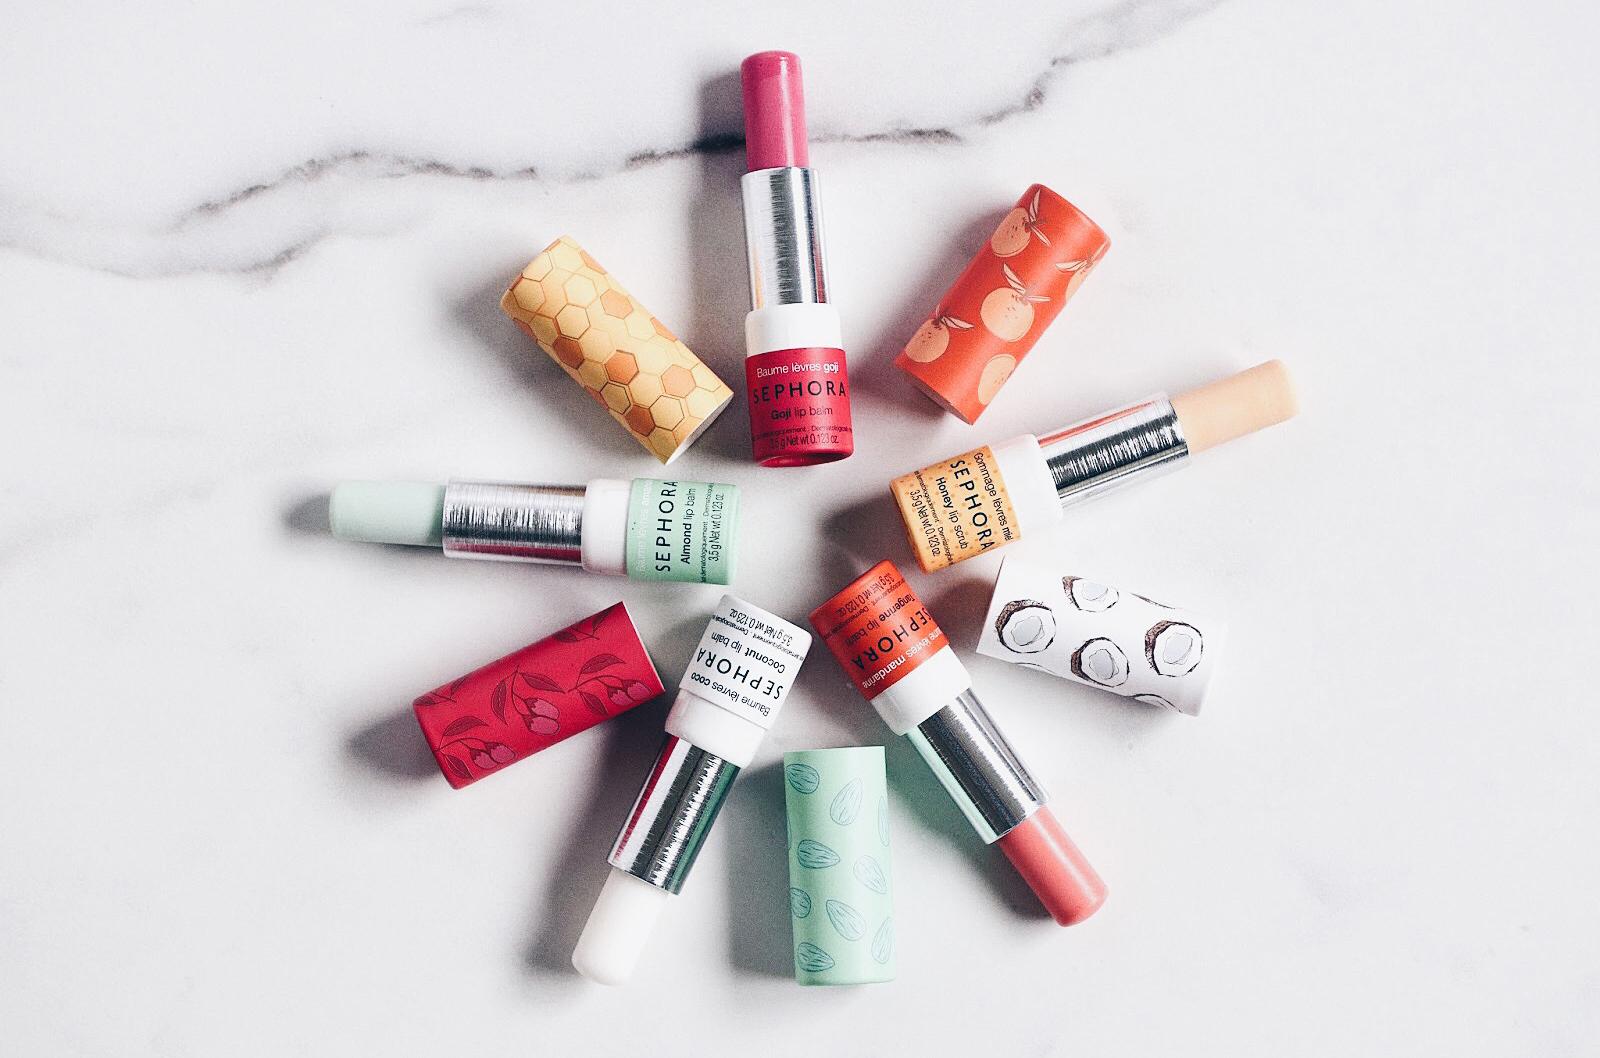 sephora baumes à lèvres teintés gommage lèvres au sucre avis test